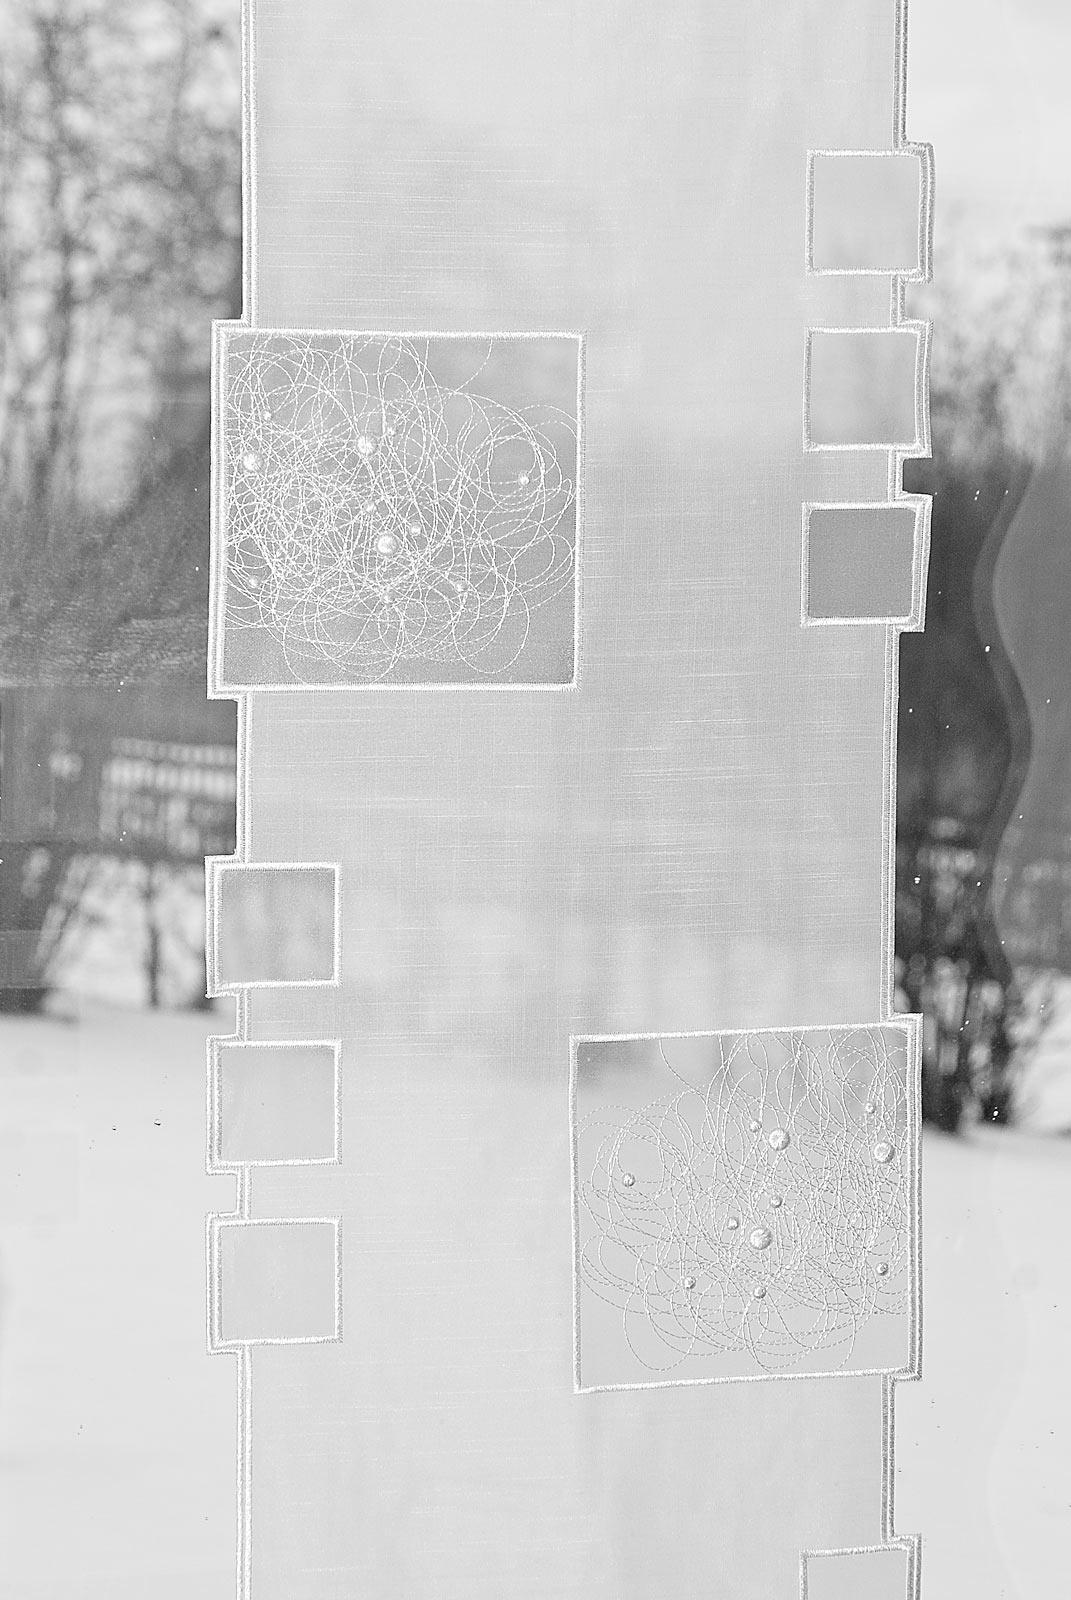 Full Size of Scheibengardine Modern Schiebegardinen Und Schiebevorhnge Aus Plauener Spitze Modernes Bett Design Küche Holz Deckenlampen Wohnzimmer Tapete Bilder Esstisch Wohnzimmer Scheibengardine Modern